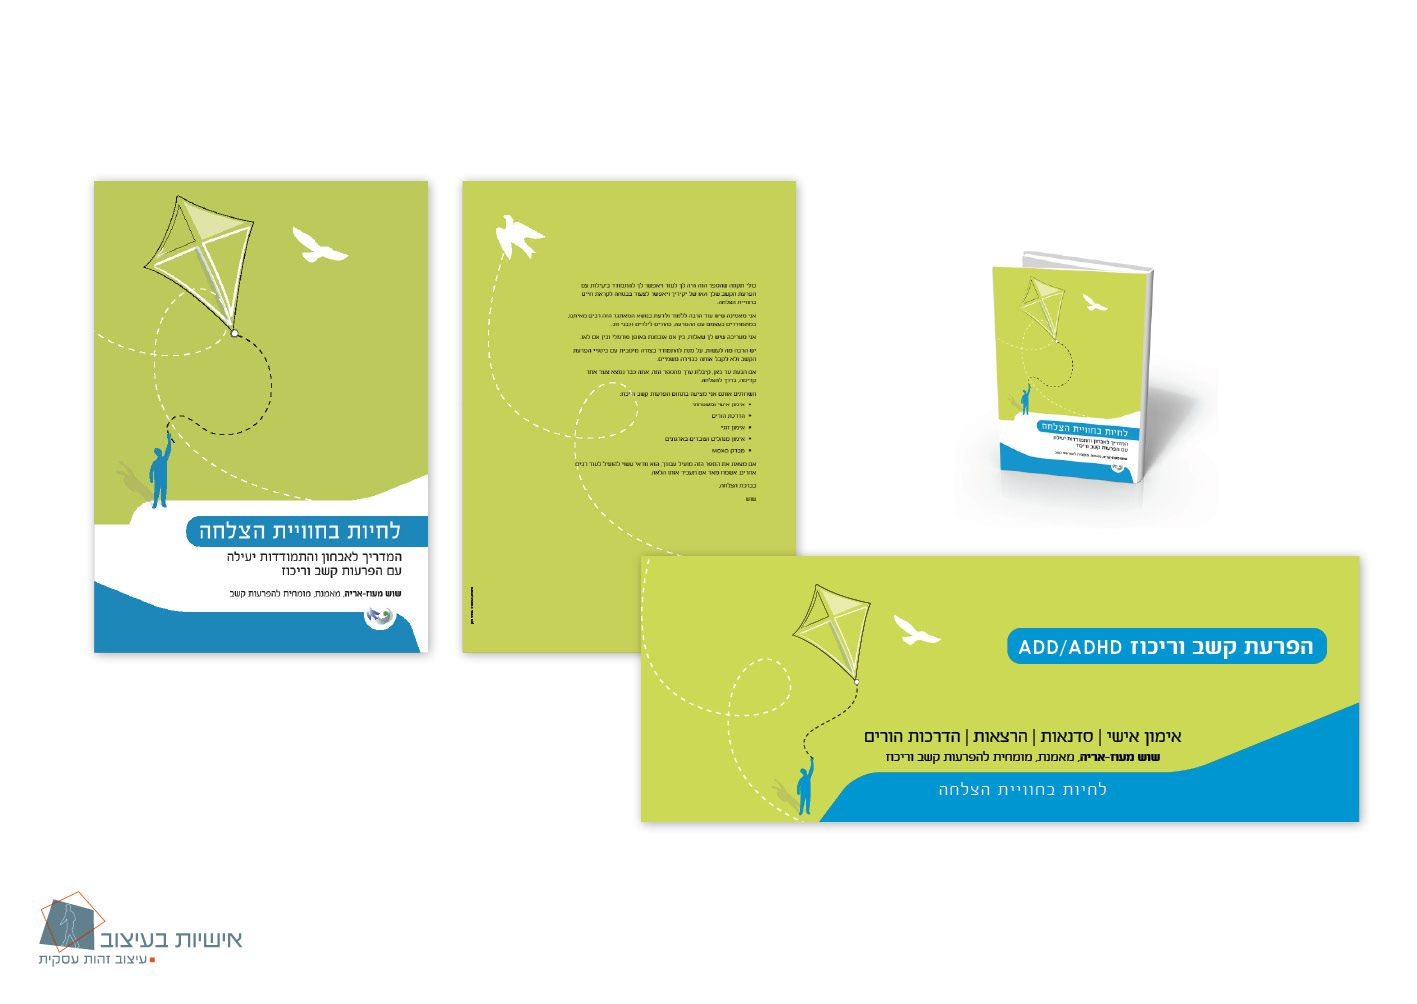 זהות עסקית  business identity  www.businessidentity.co.il